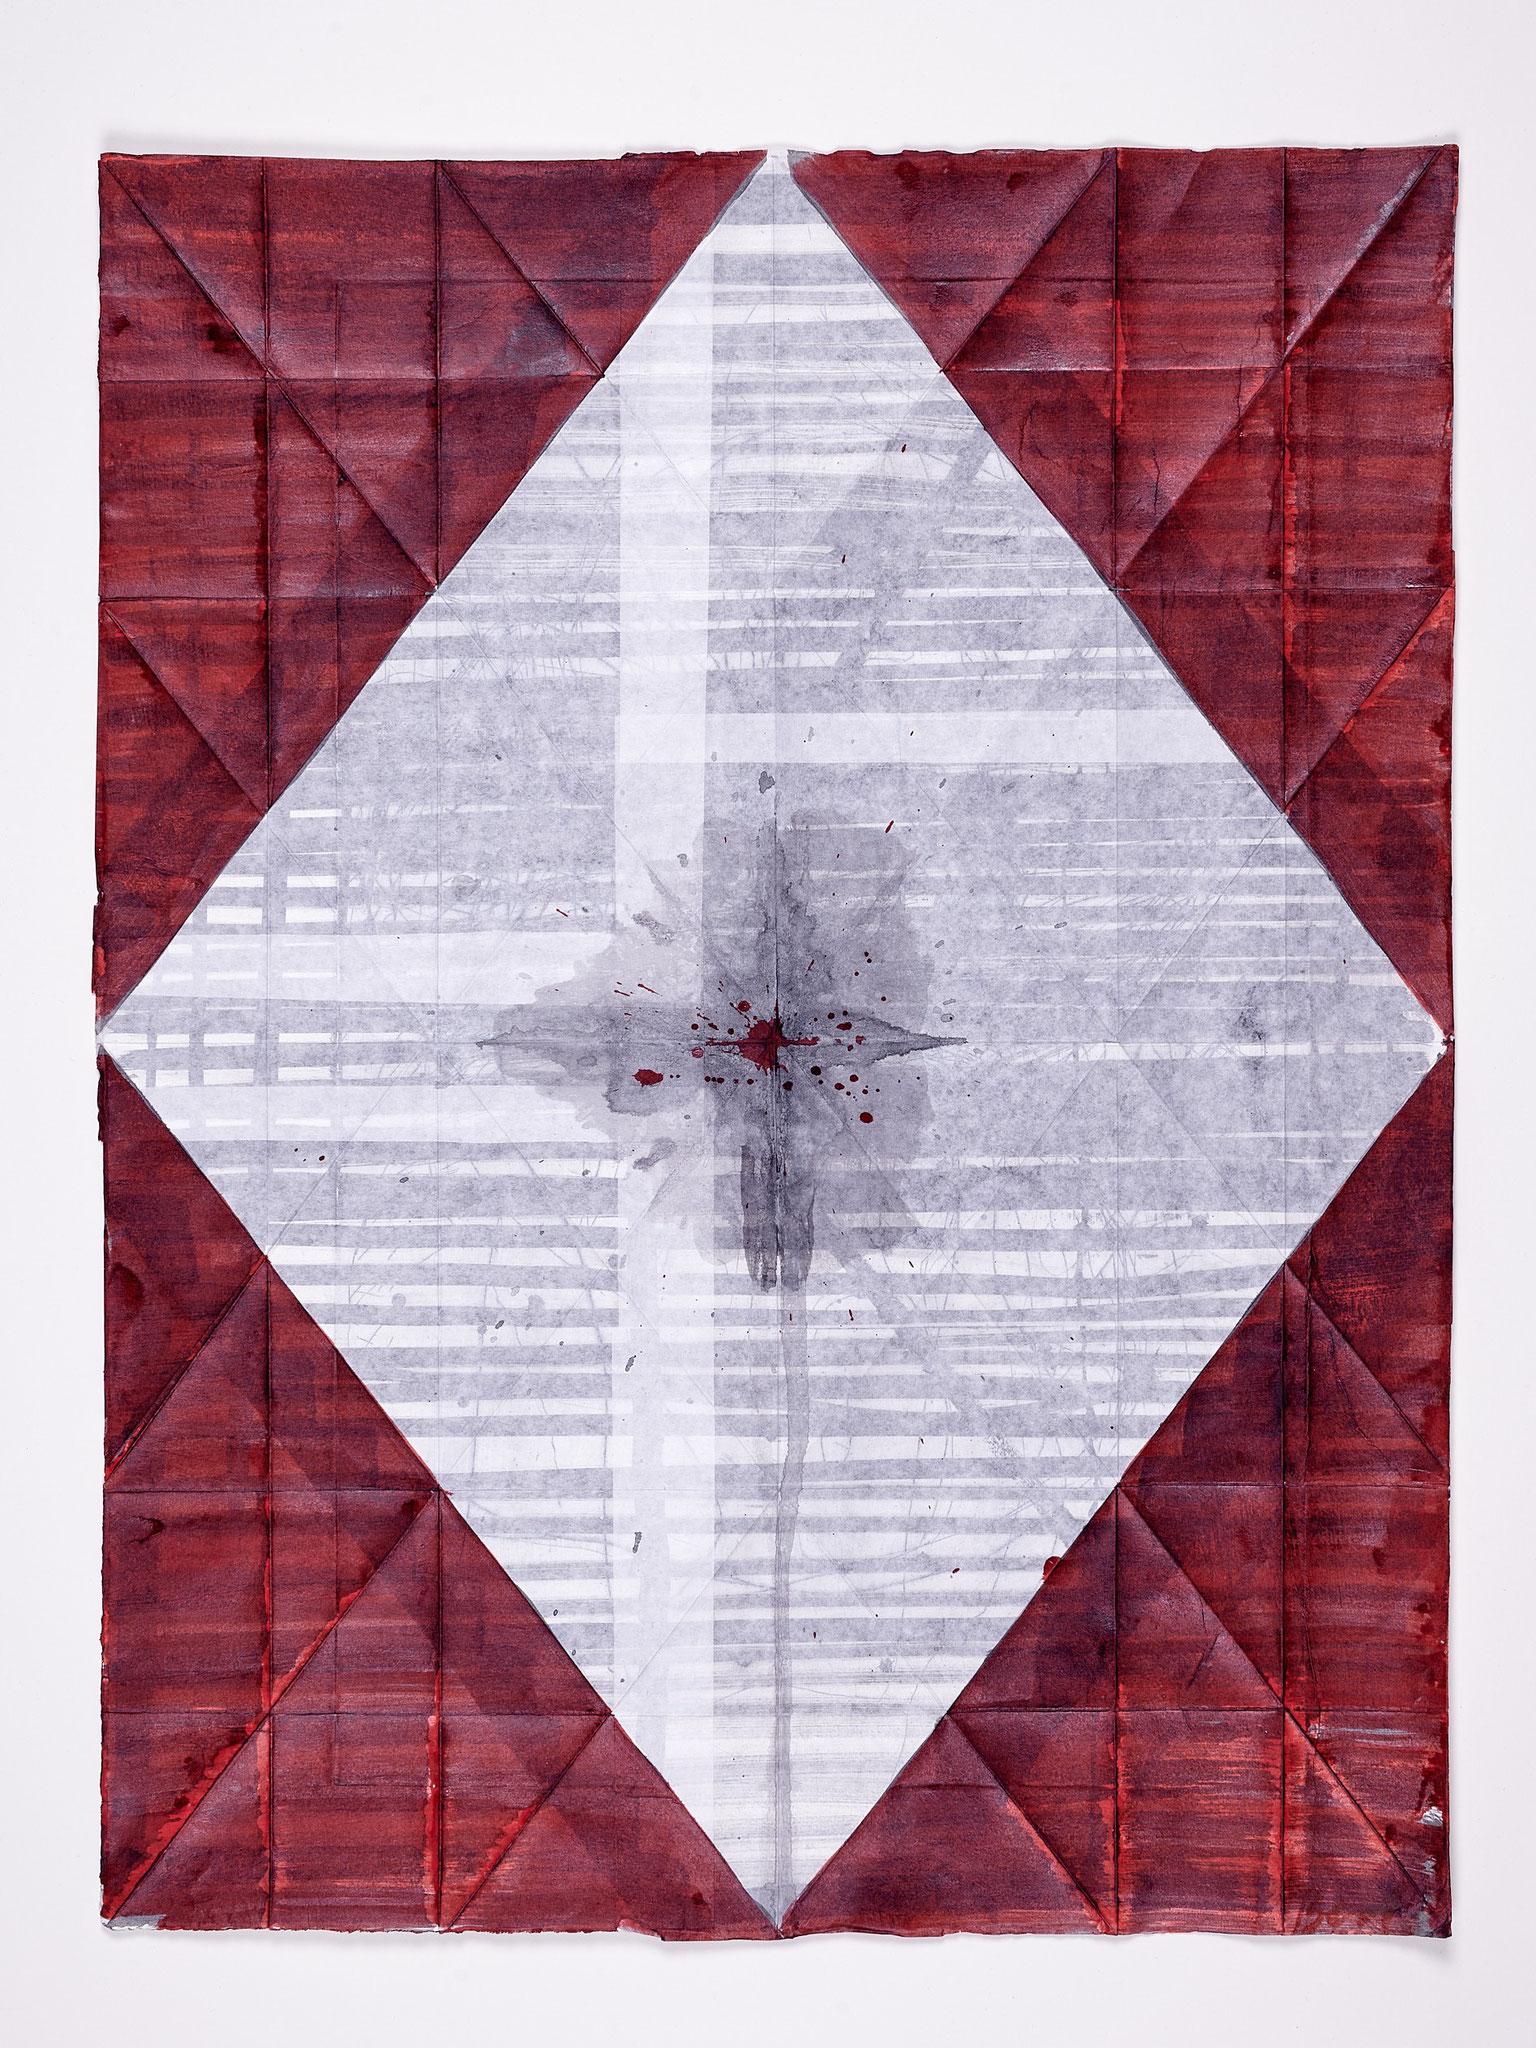 Kein Ort / Rose IV, 2018, 69 x 53 cm